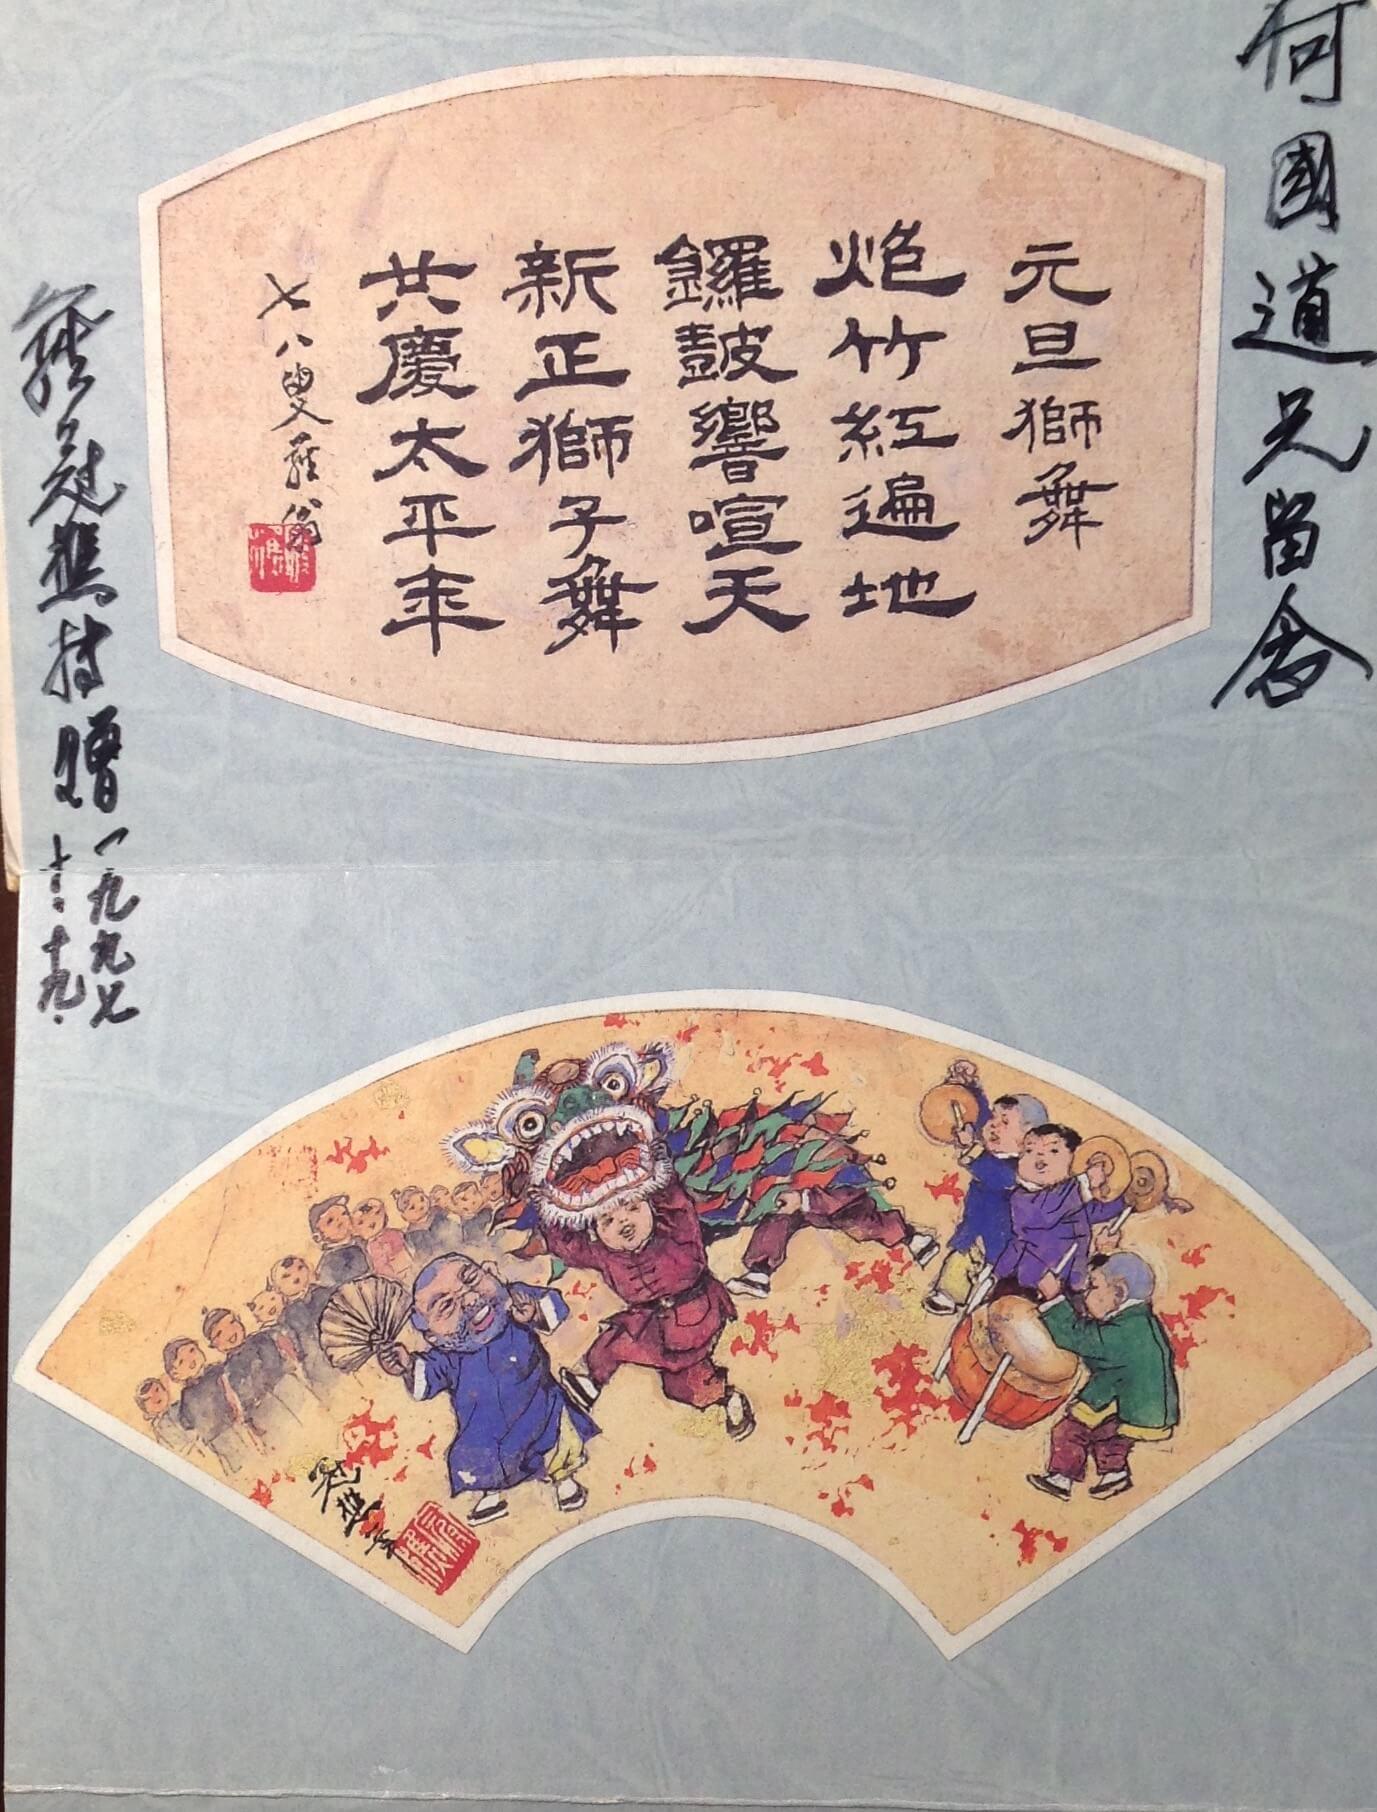 羅冠樵在1997年寄贈《羅冠樵隱小品選》一冊, 裏面有他寫的上、下款。 第一幅剛好就是舞獅圖;大家可以拿來和羅翁畫的 封面畫舞獅圖比較一下異同。